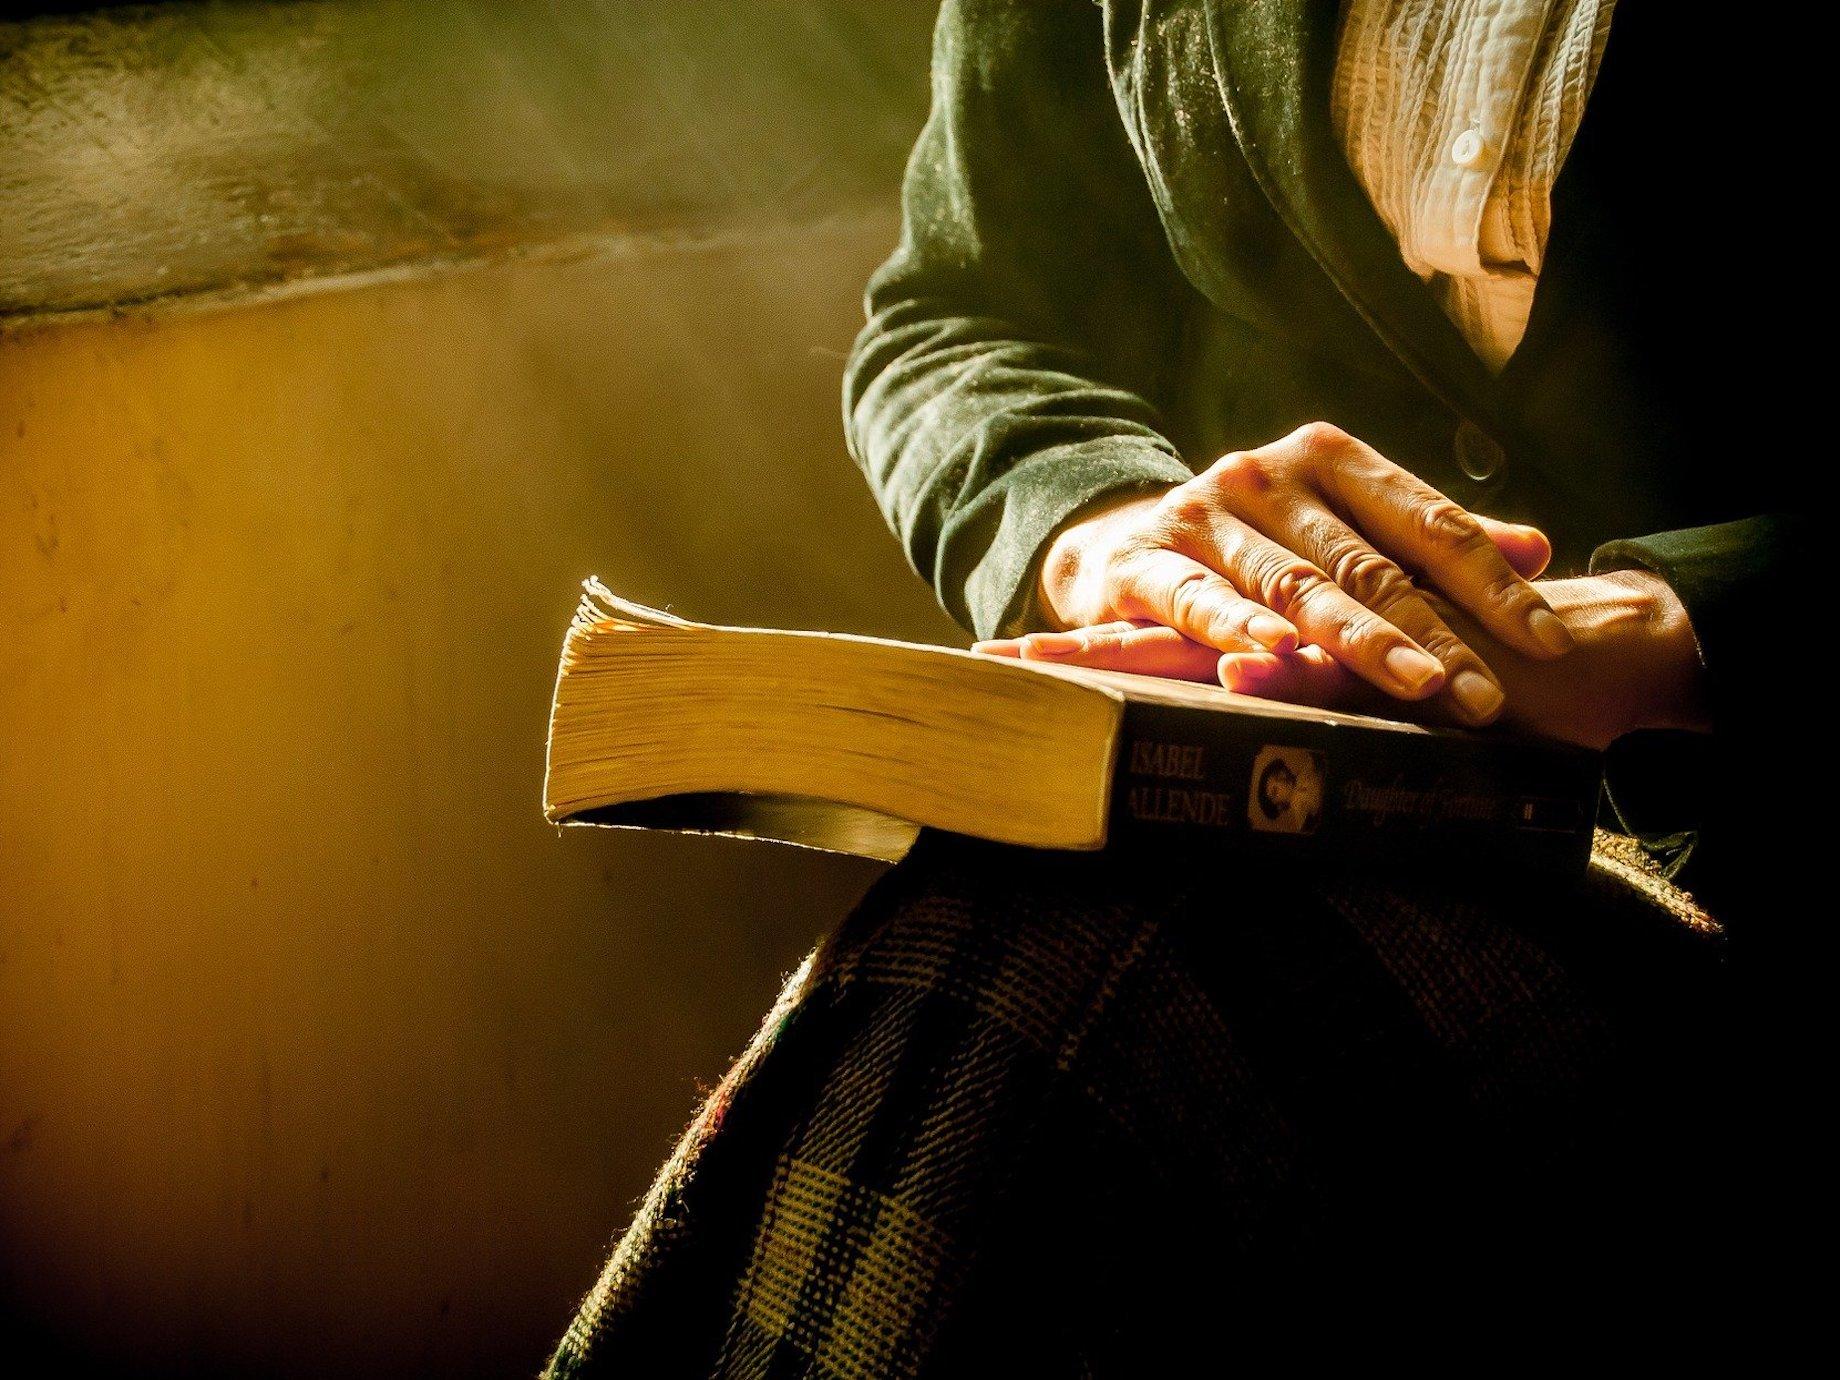 30分鐘就讀完一本書!打造超人大腦,善用高效讀書的4個步驟